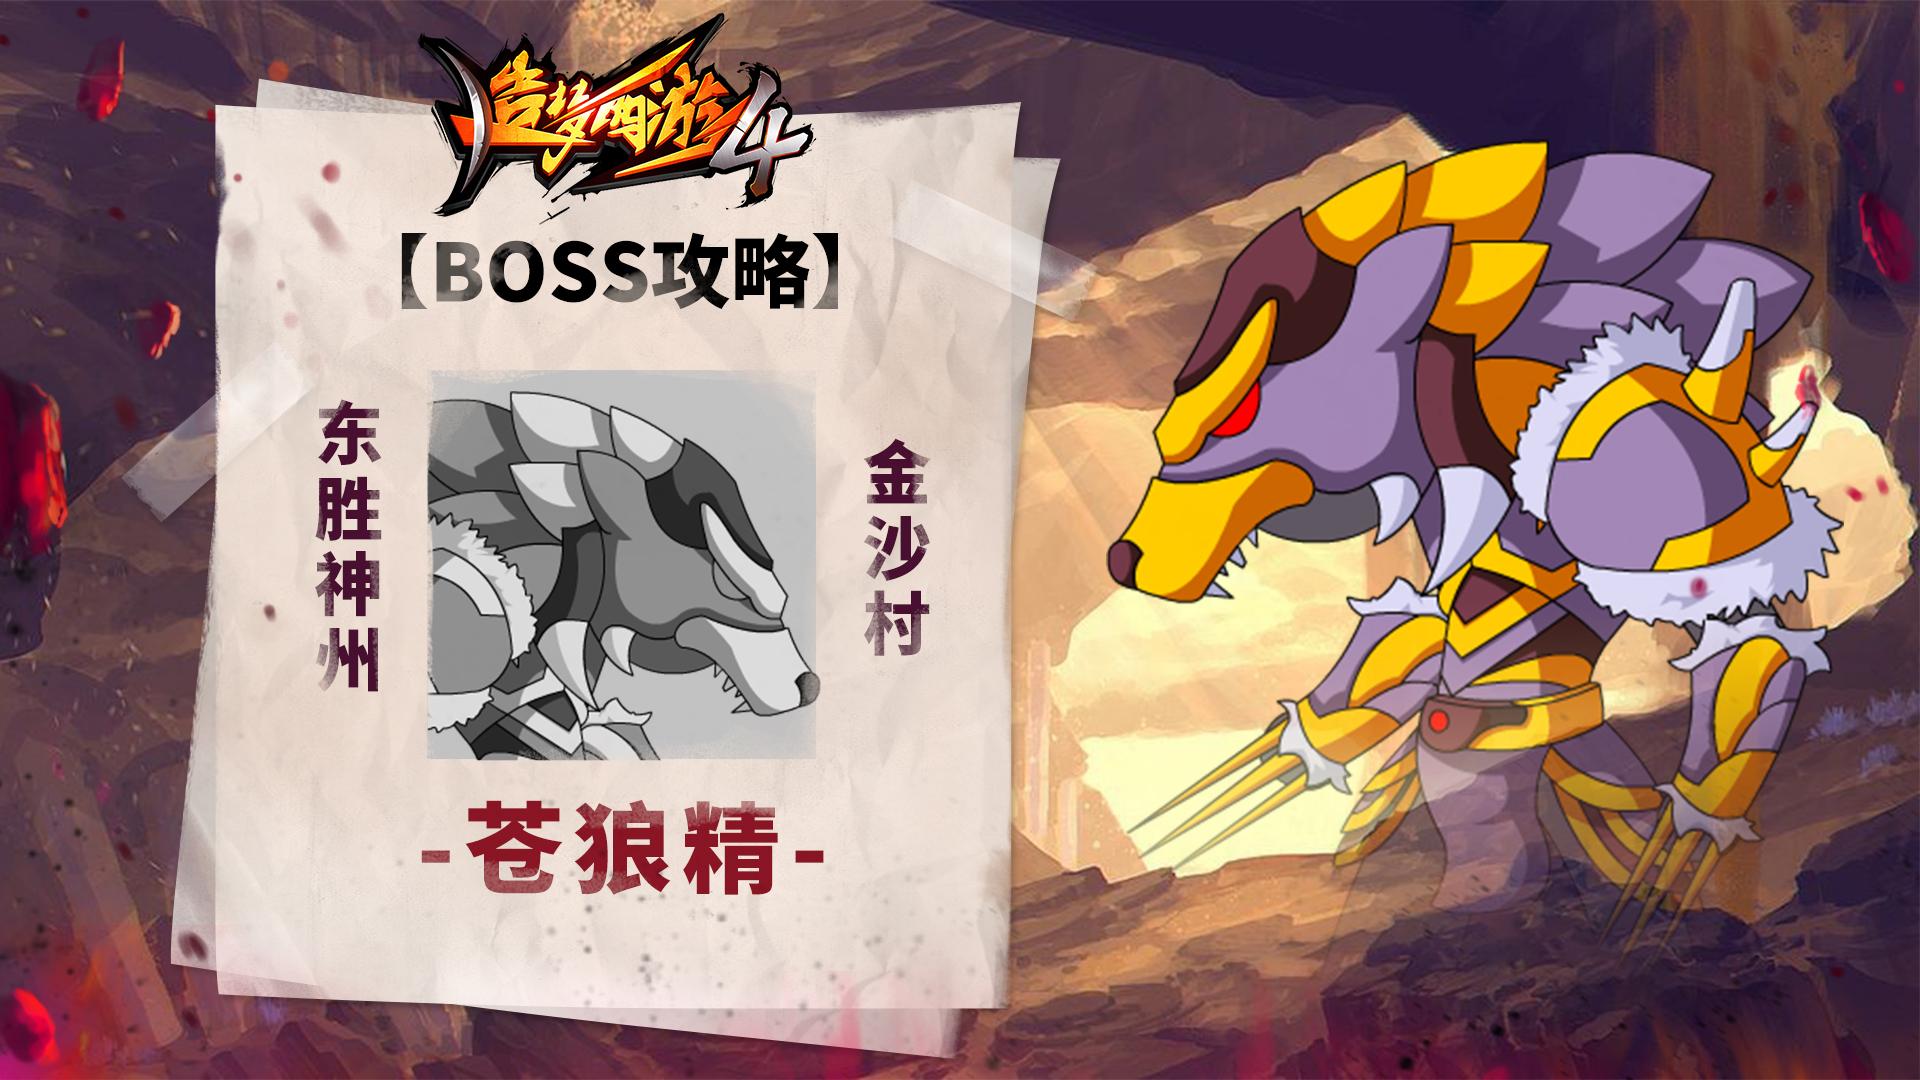 【BOSS攻略】-东胜神洲-金沙村-苍狼精